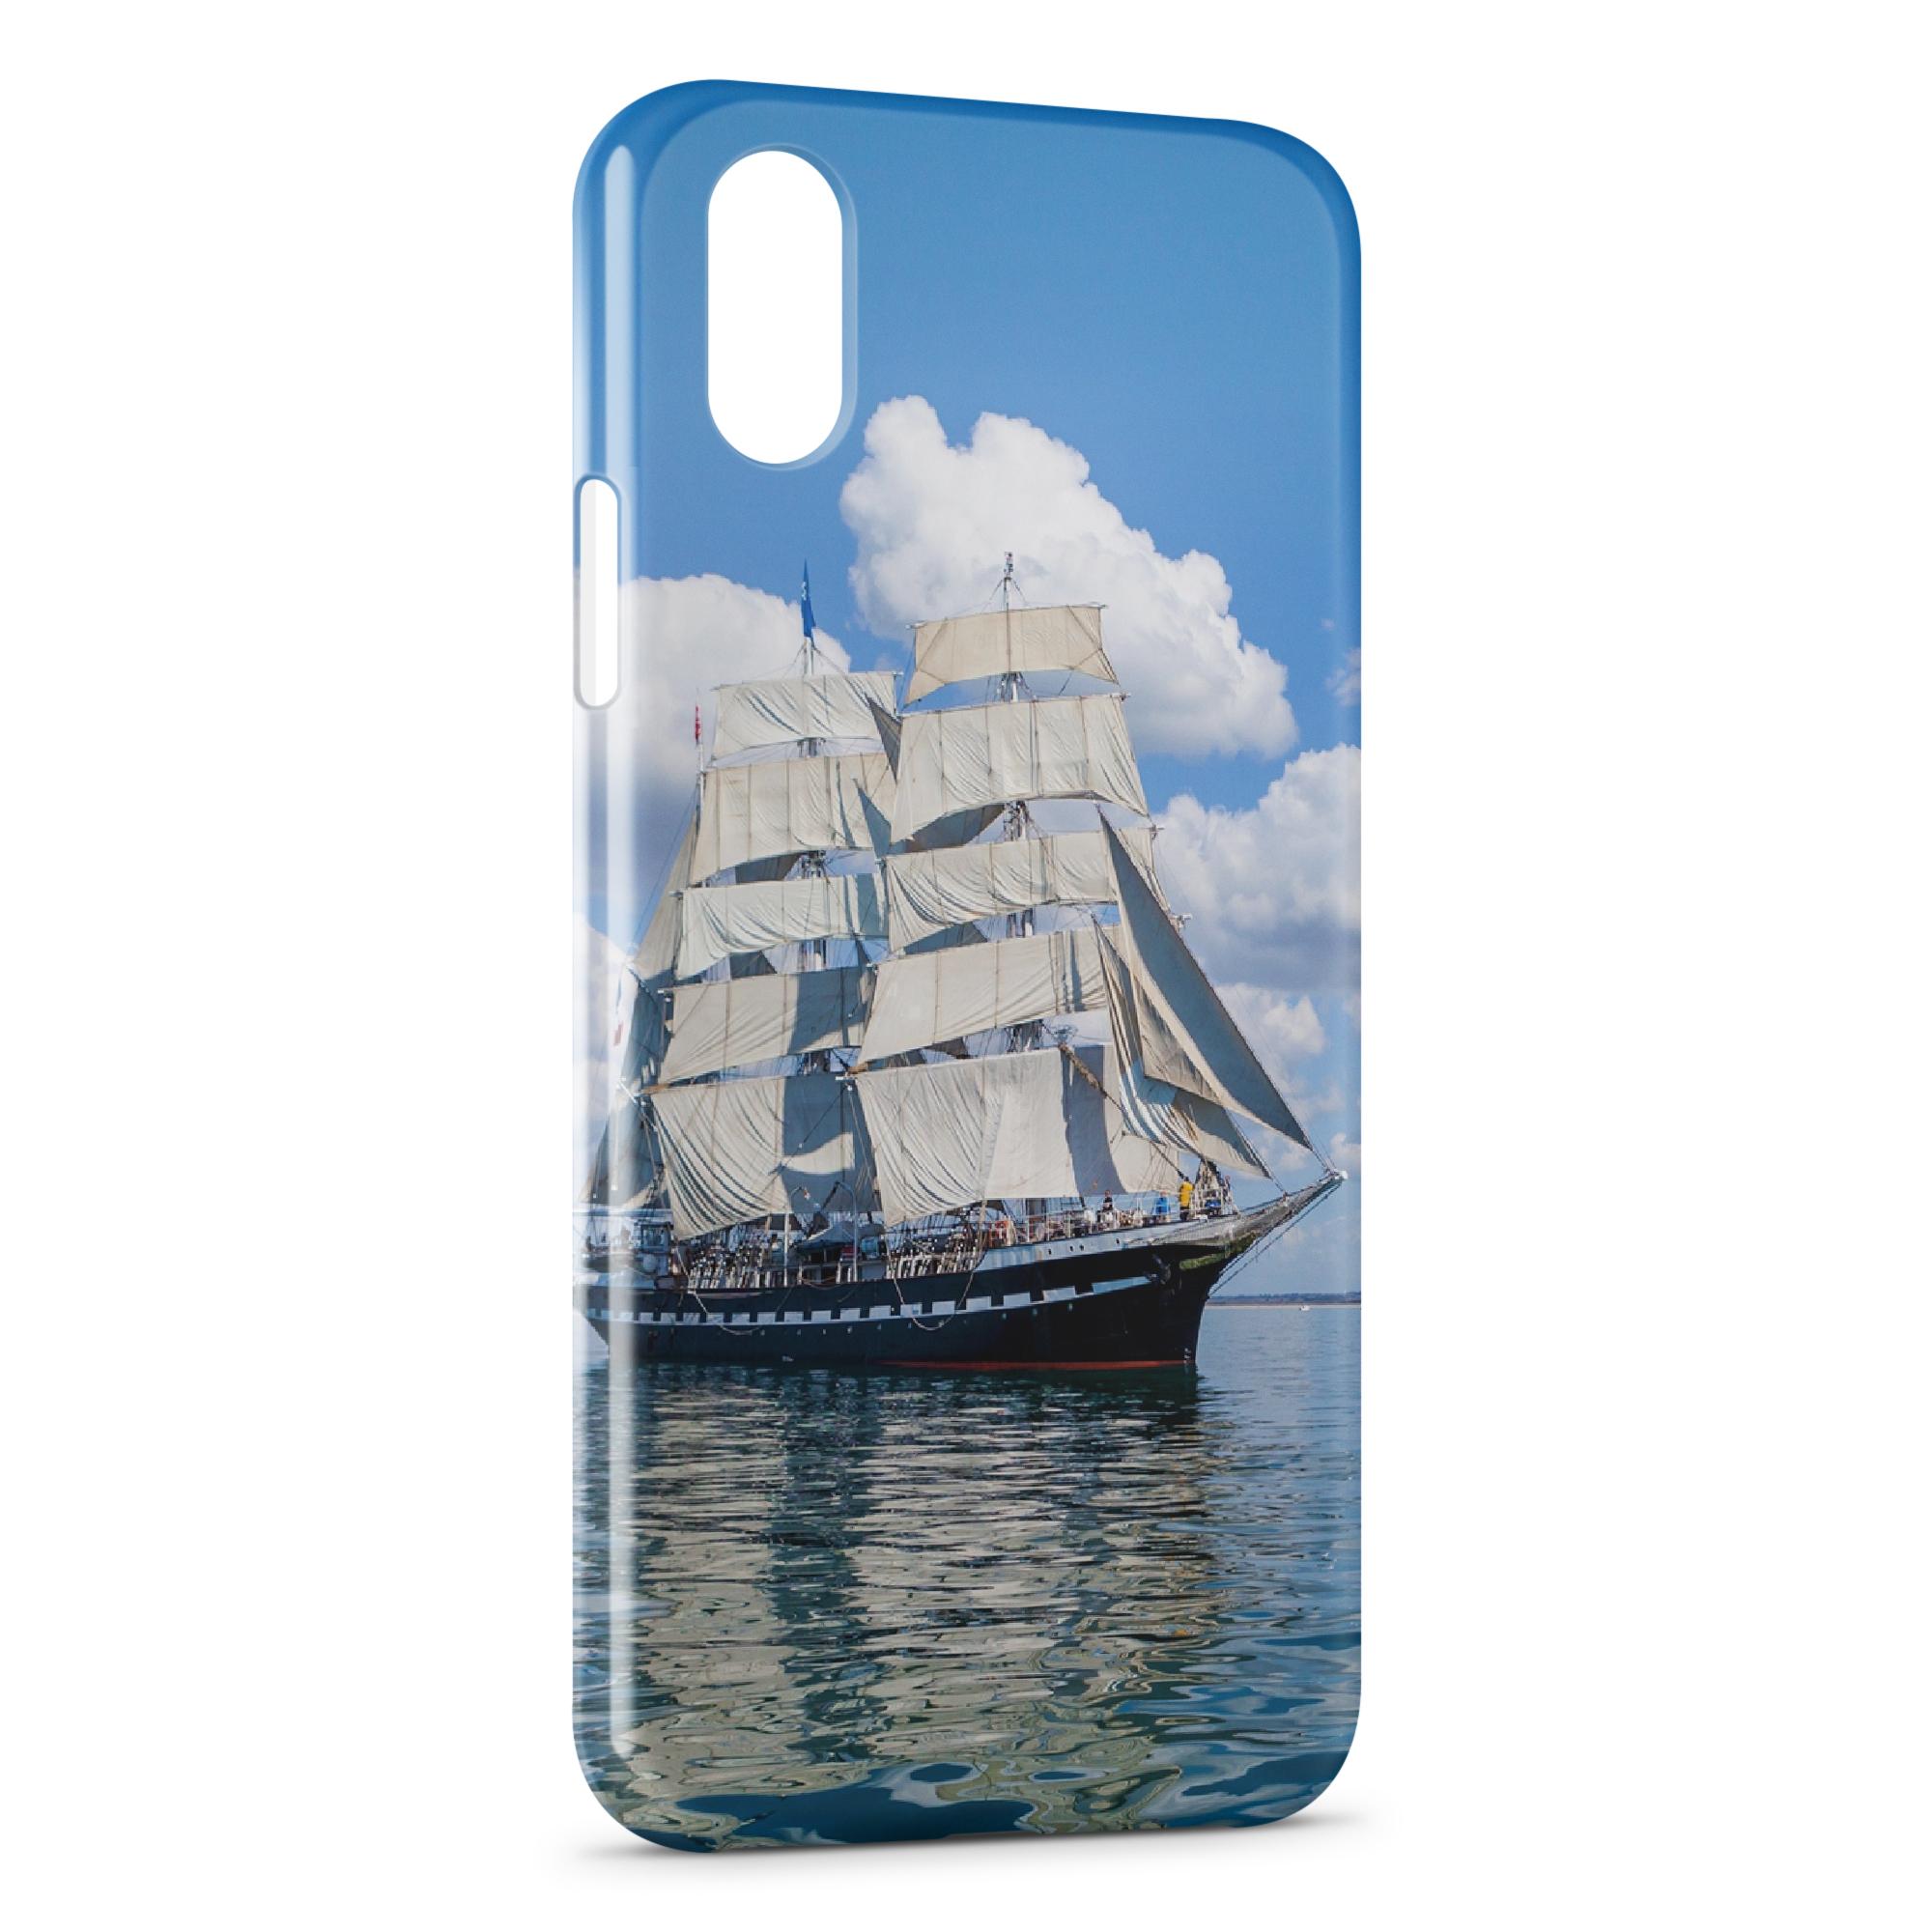 coque iphone 8 bateau